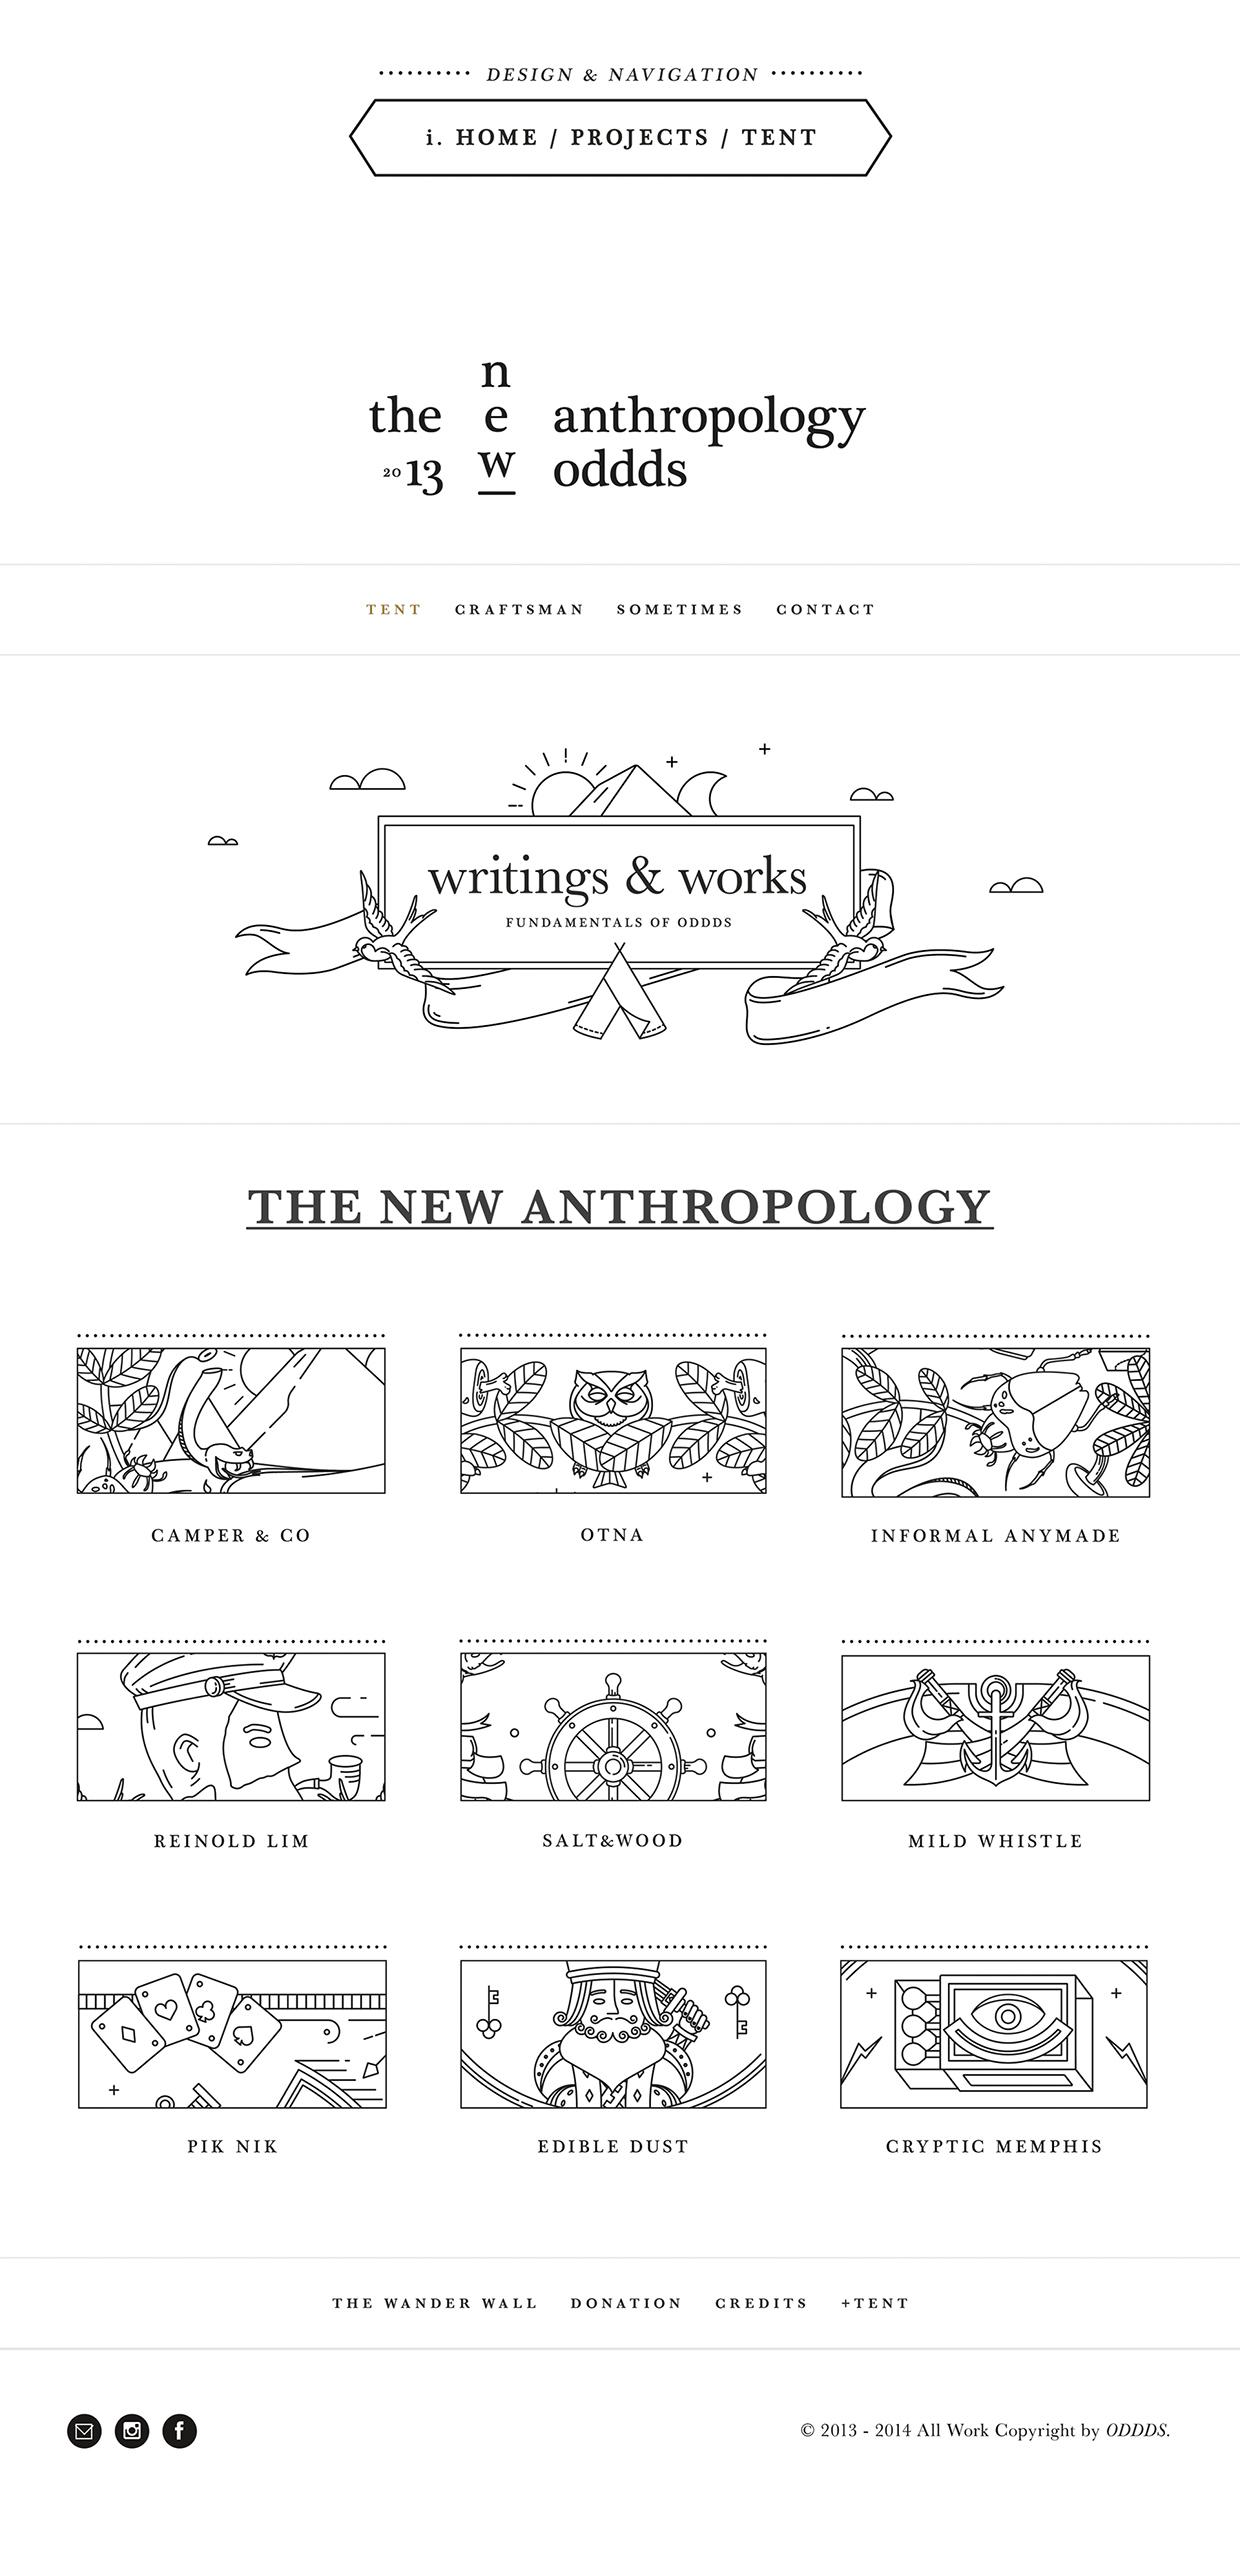 OTNA Oddds The New Anthropology branding